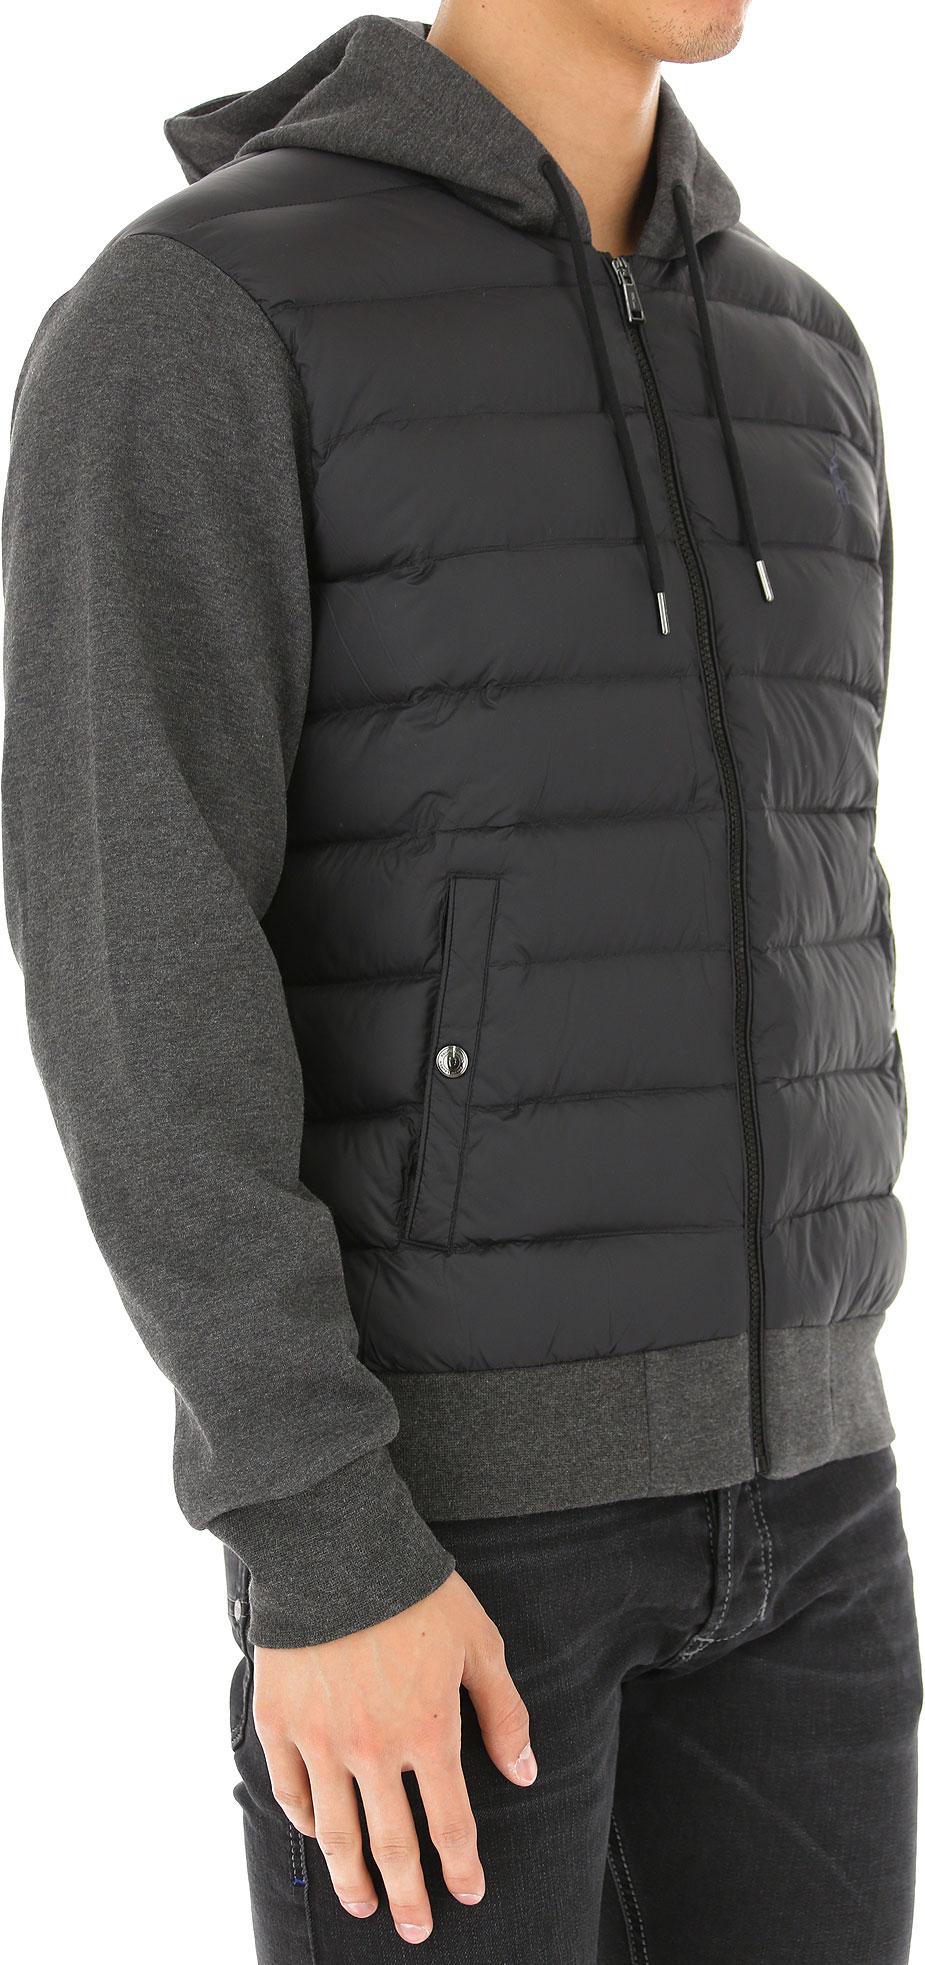 Abbigliamento Uomo Ralph Lauren Codice Articolo 710671059001-black-piegato